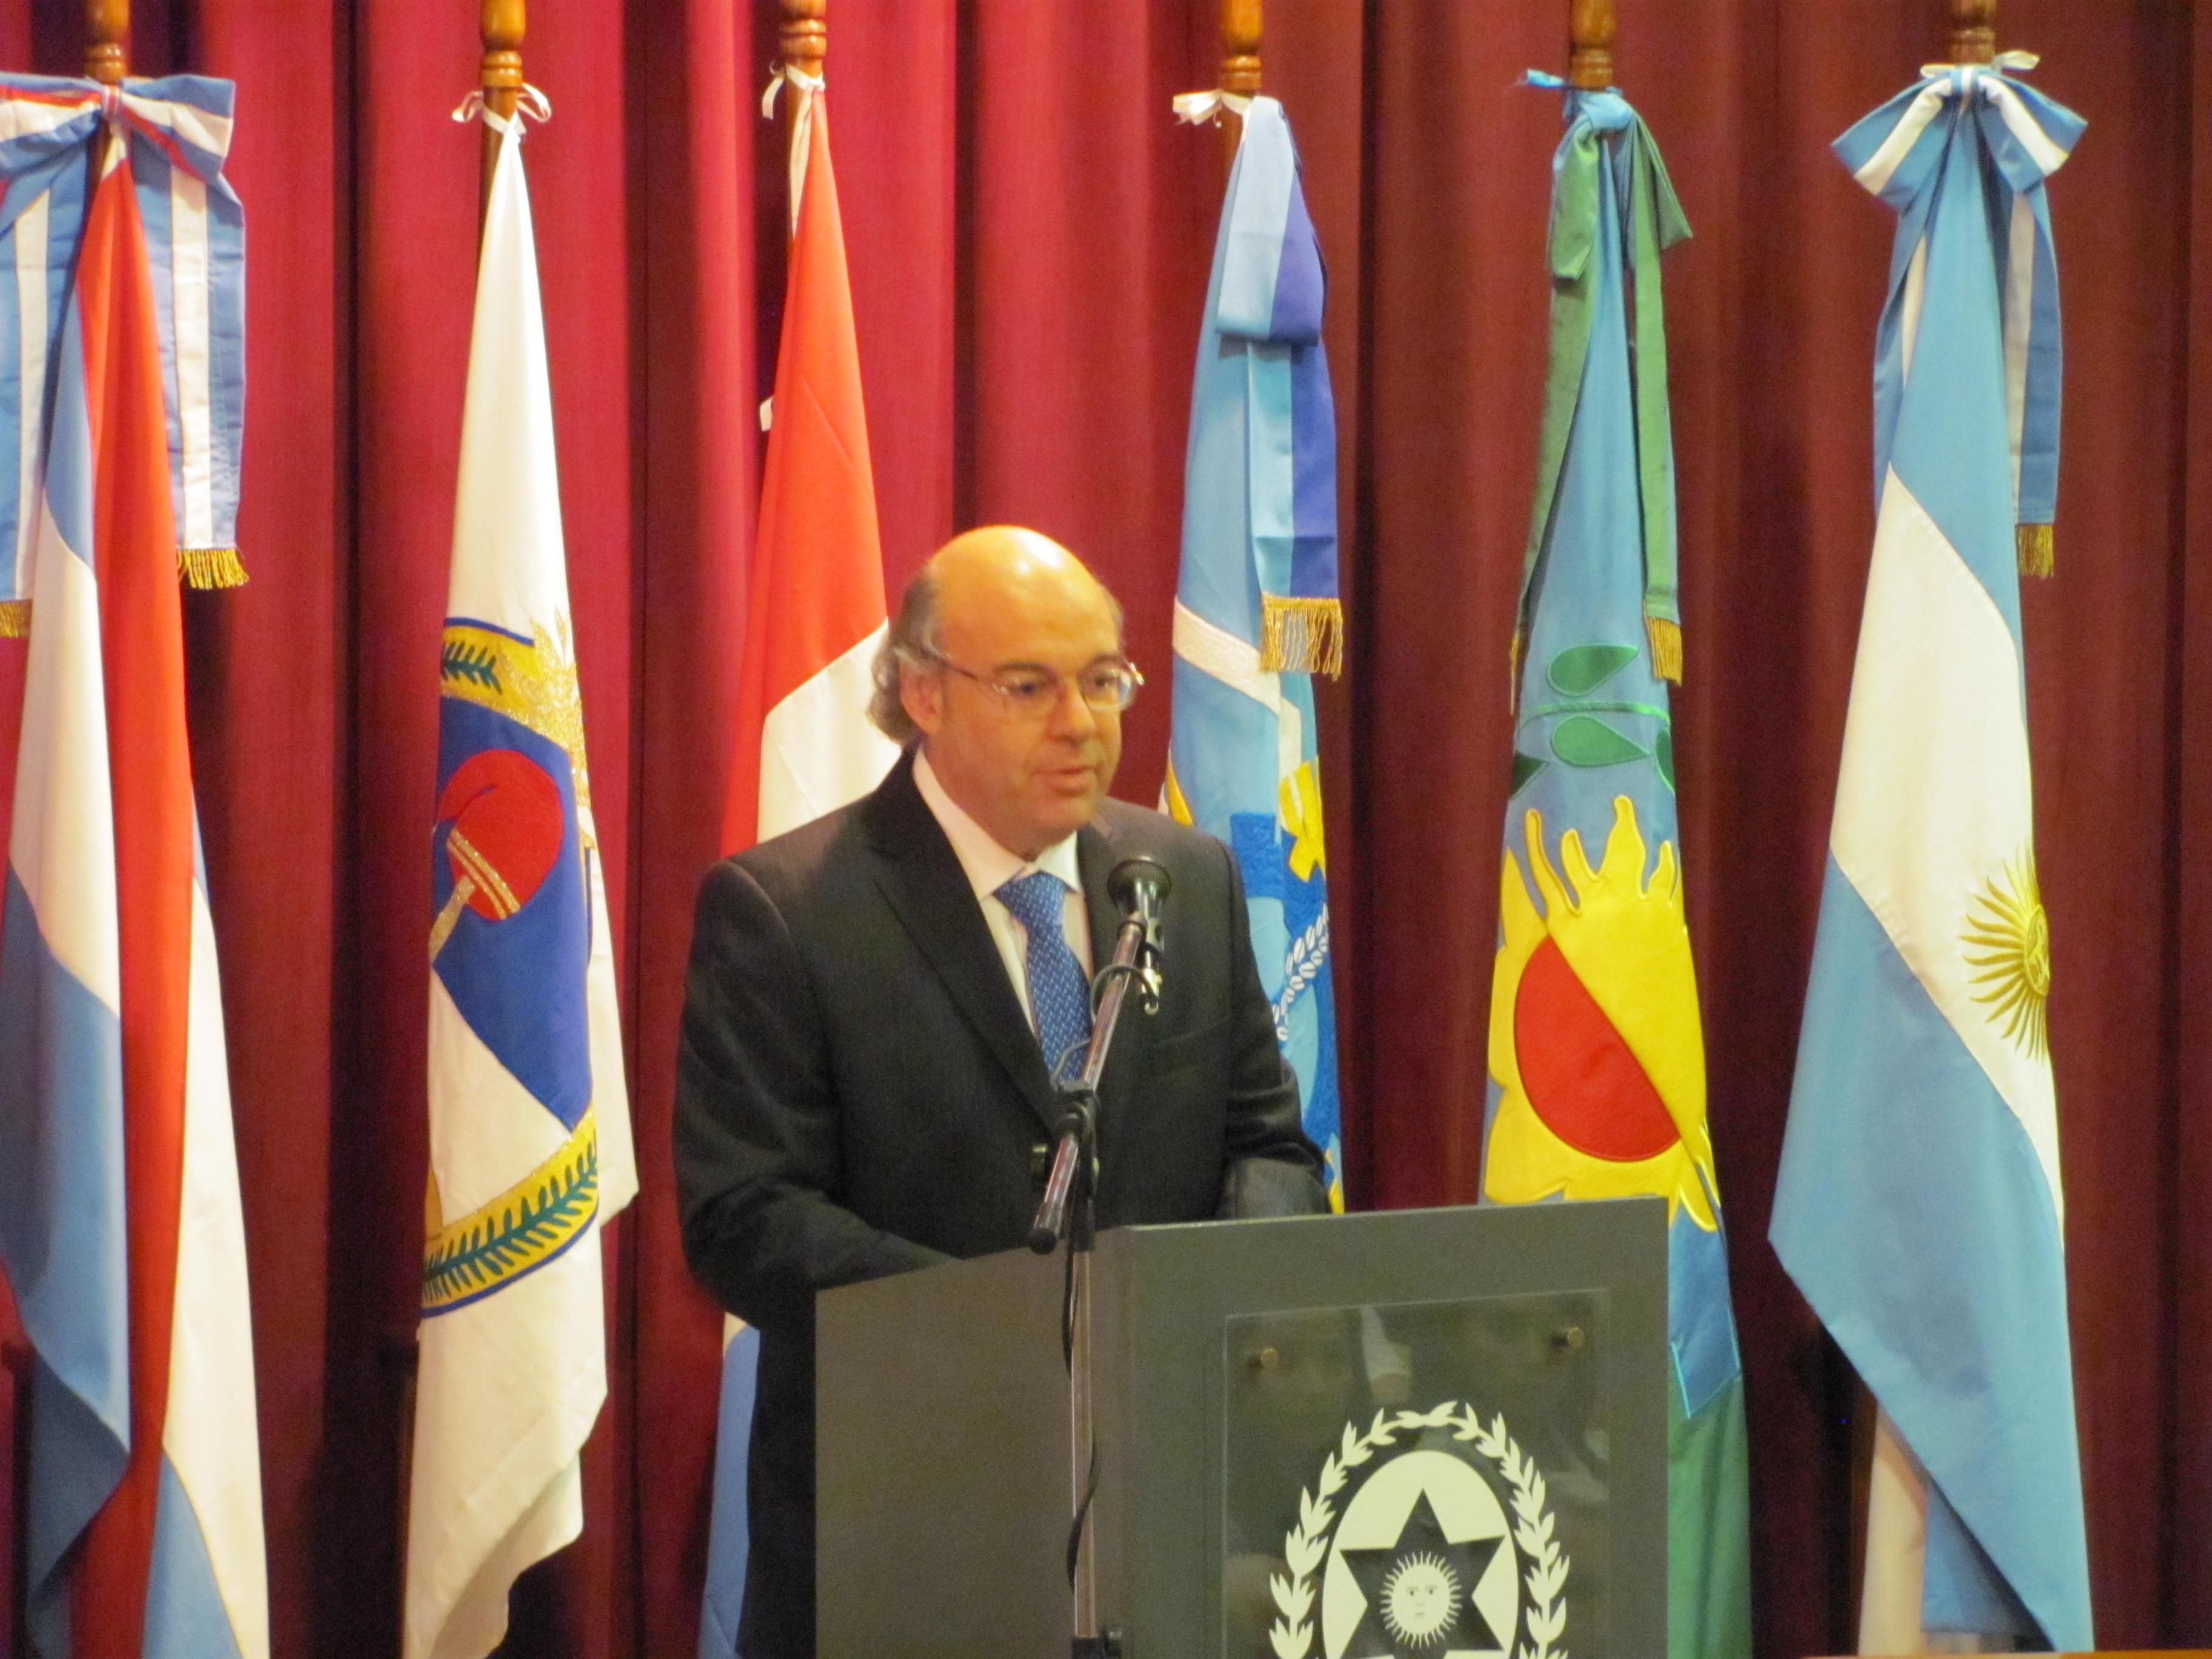 Abel Cornejo dando el discurso de cierre y despedida al frente del Consejo Académico